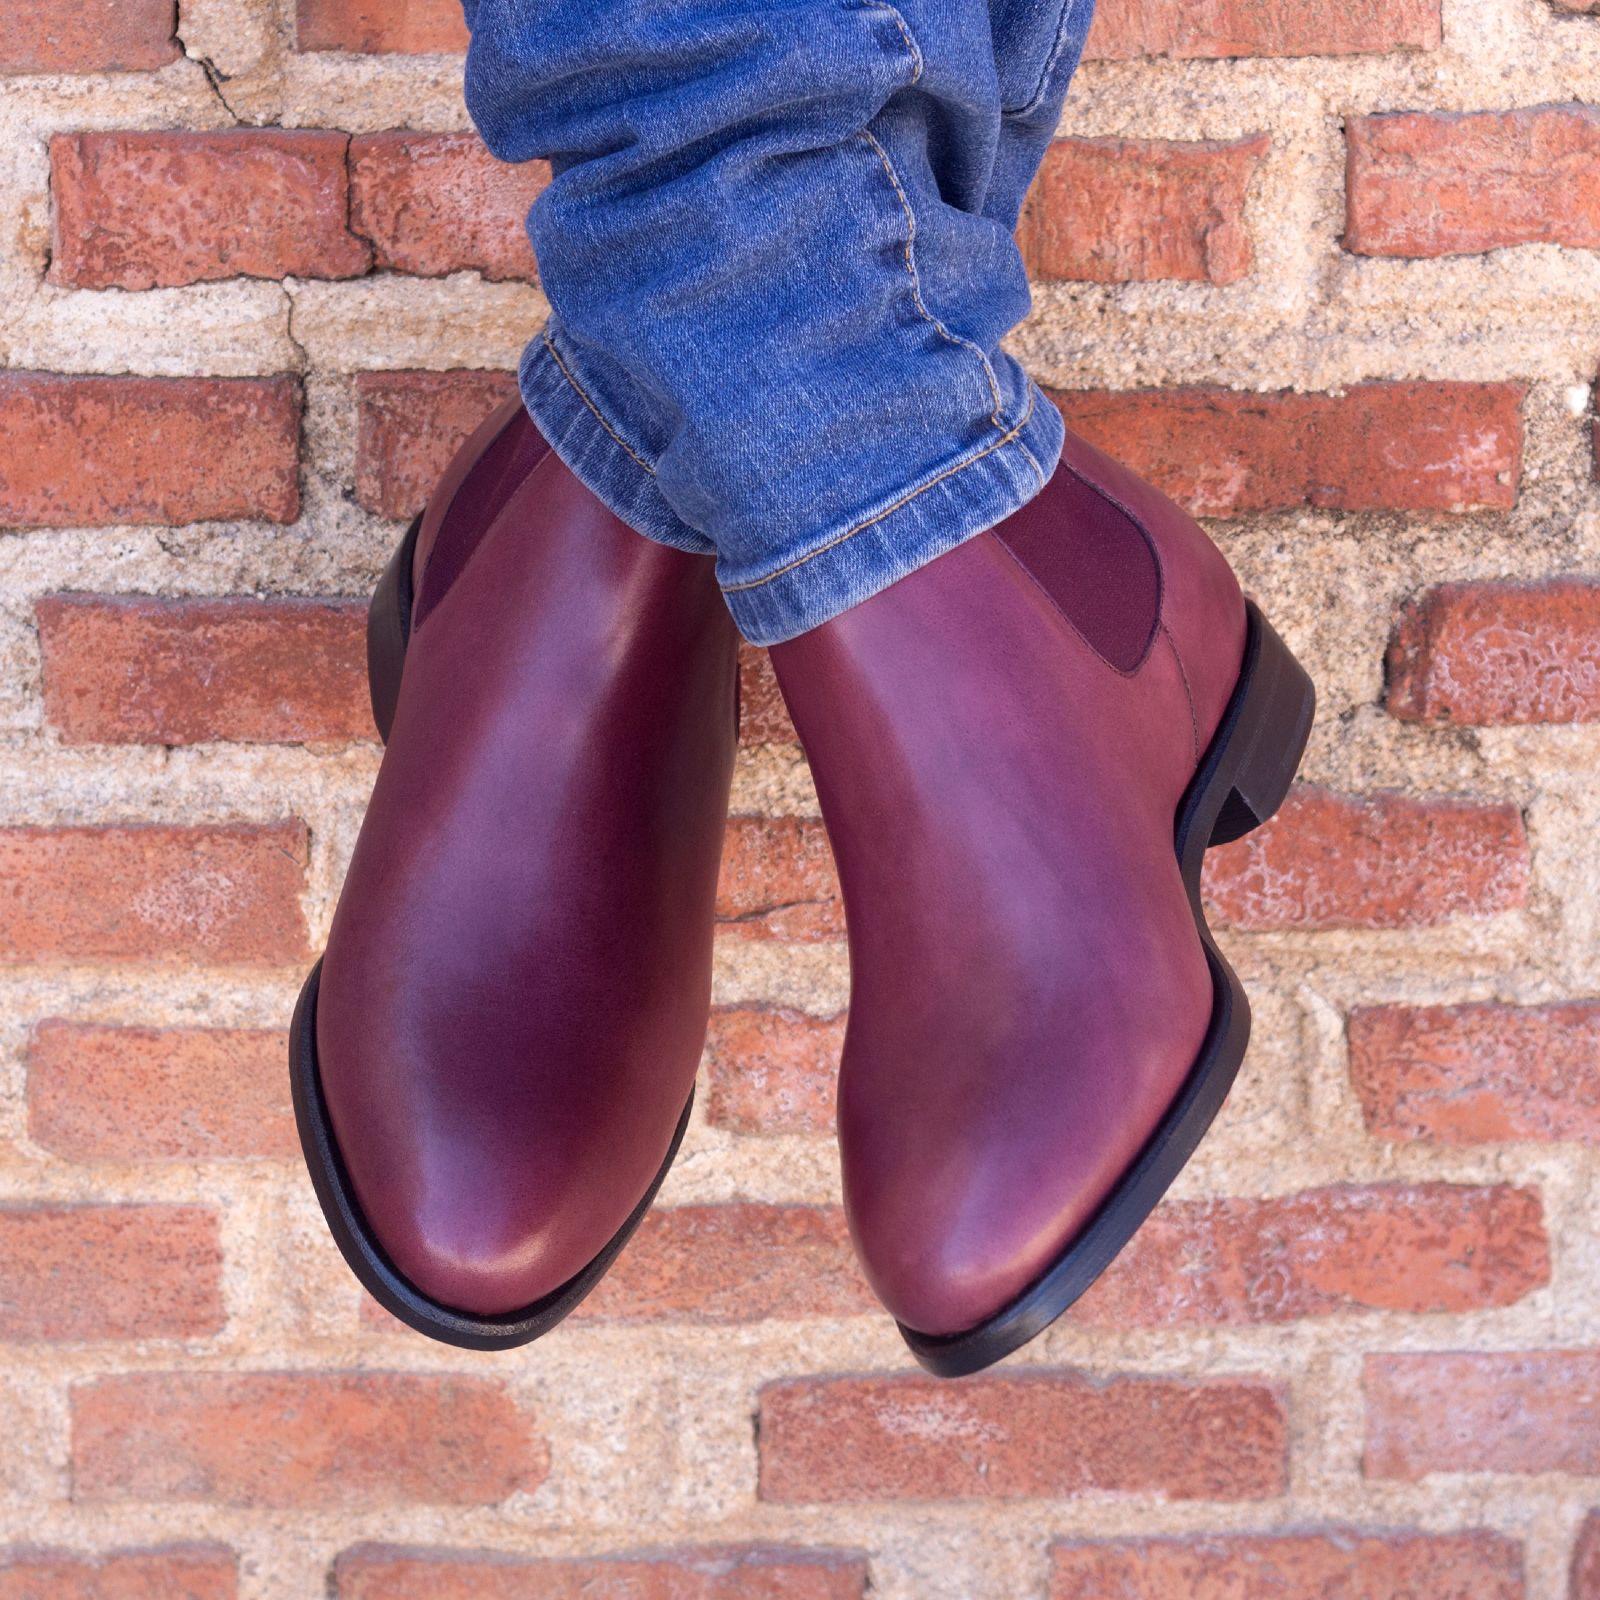 Meilleures bottes pour hommes: 7 raisons pour lesquelles vous devez les choisir plutôt que les d'autres chaussures